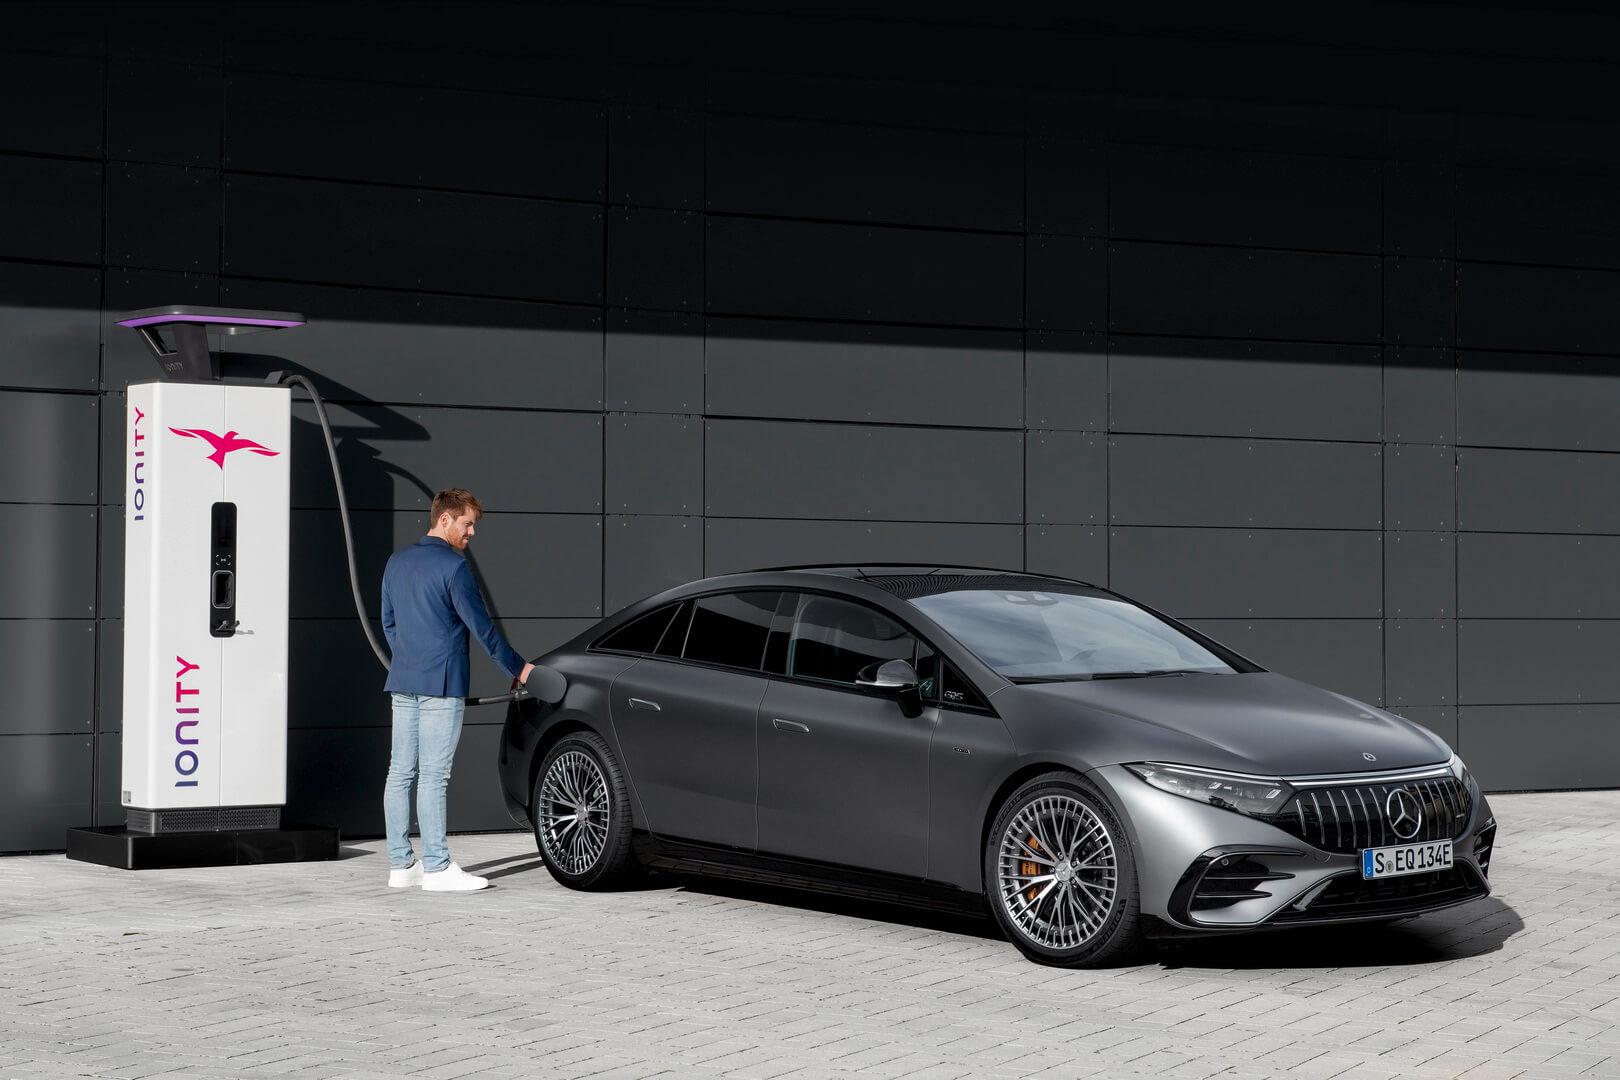 Аккумулятор Mercedes-AMG EQS можно заряжать настанциях быстрой зарядки постоянным током мощностью до200кВт